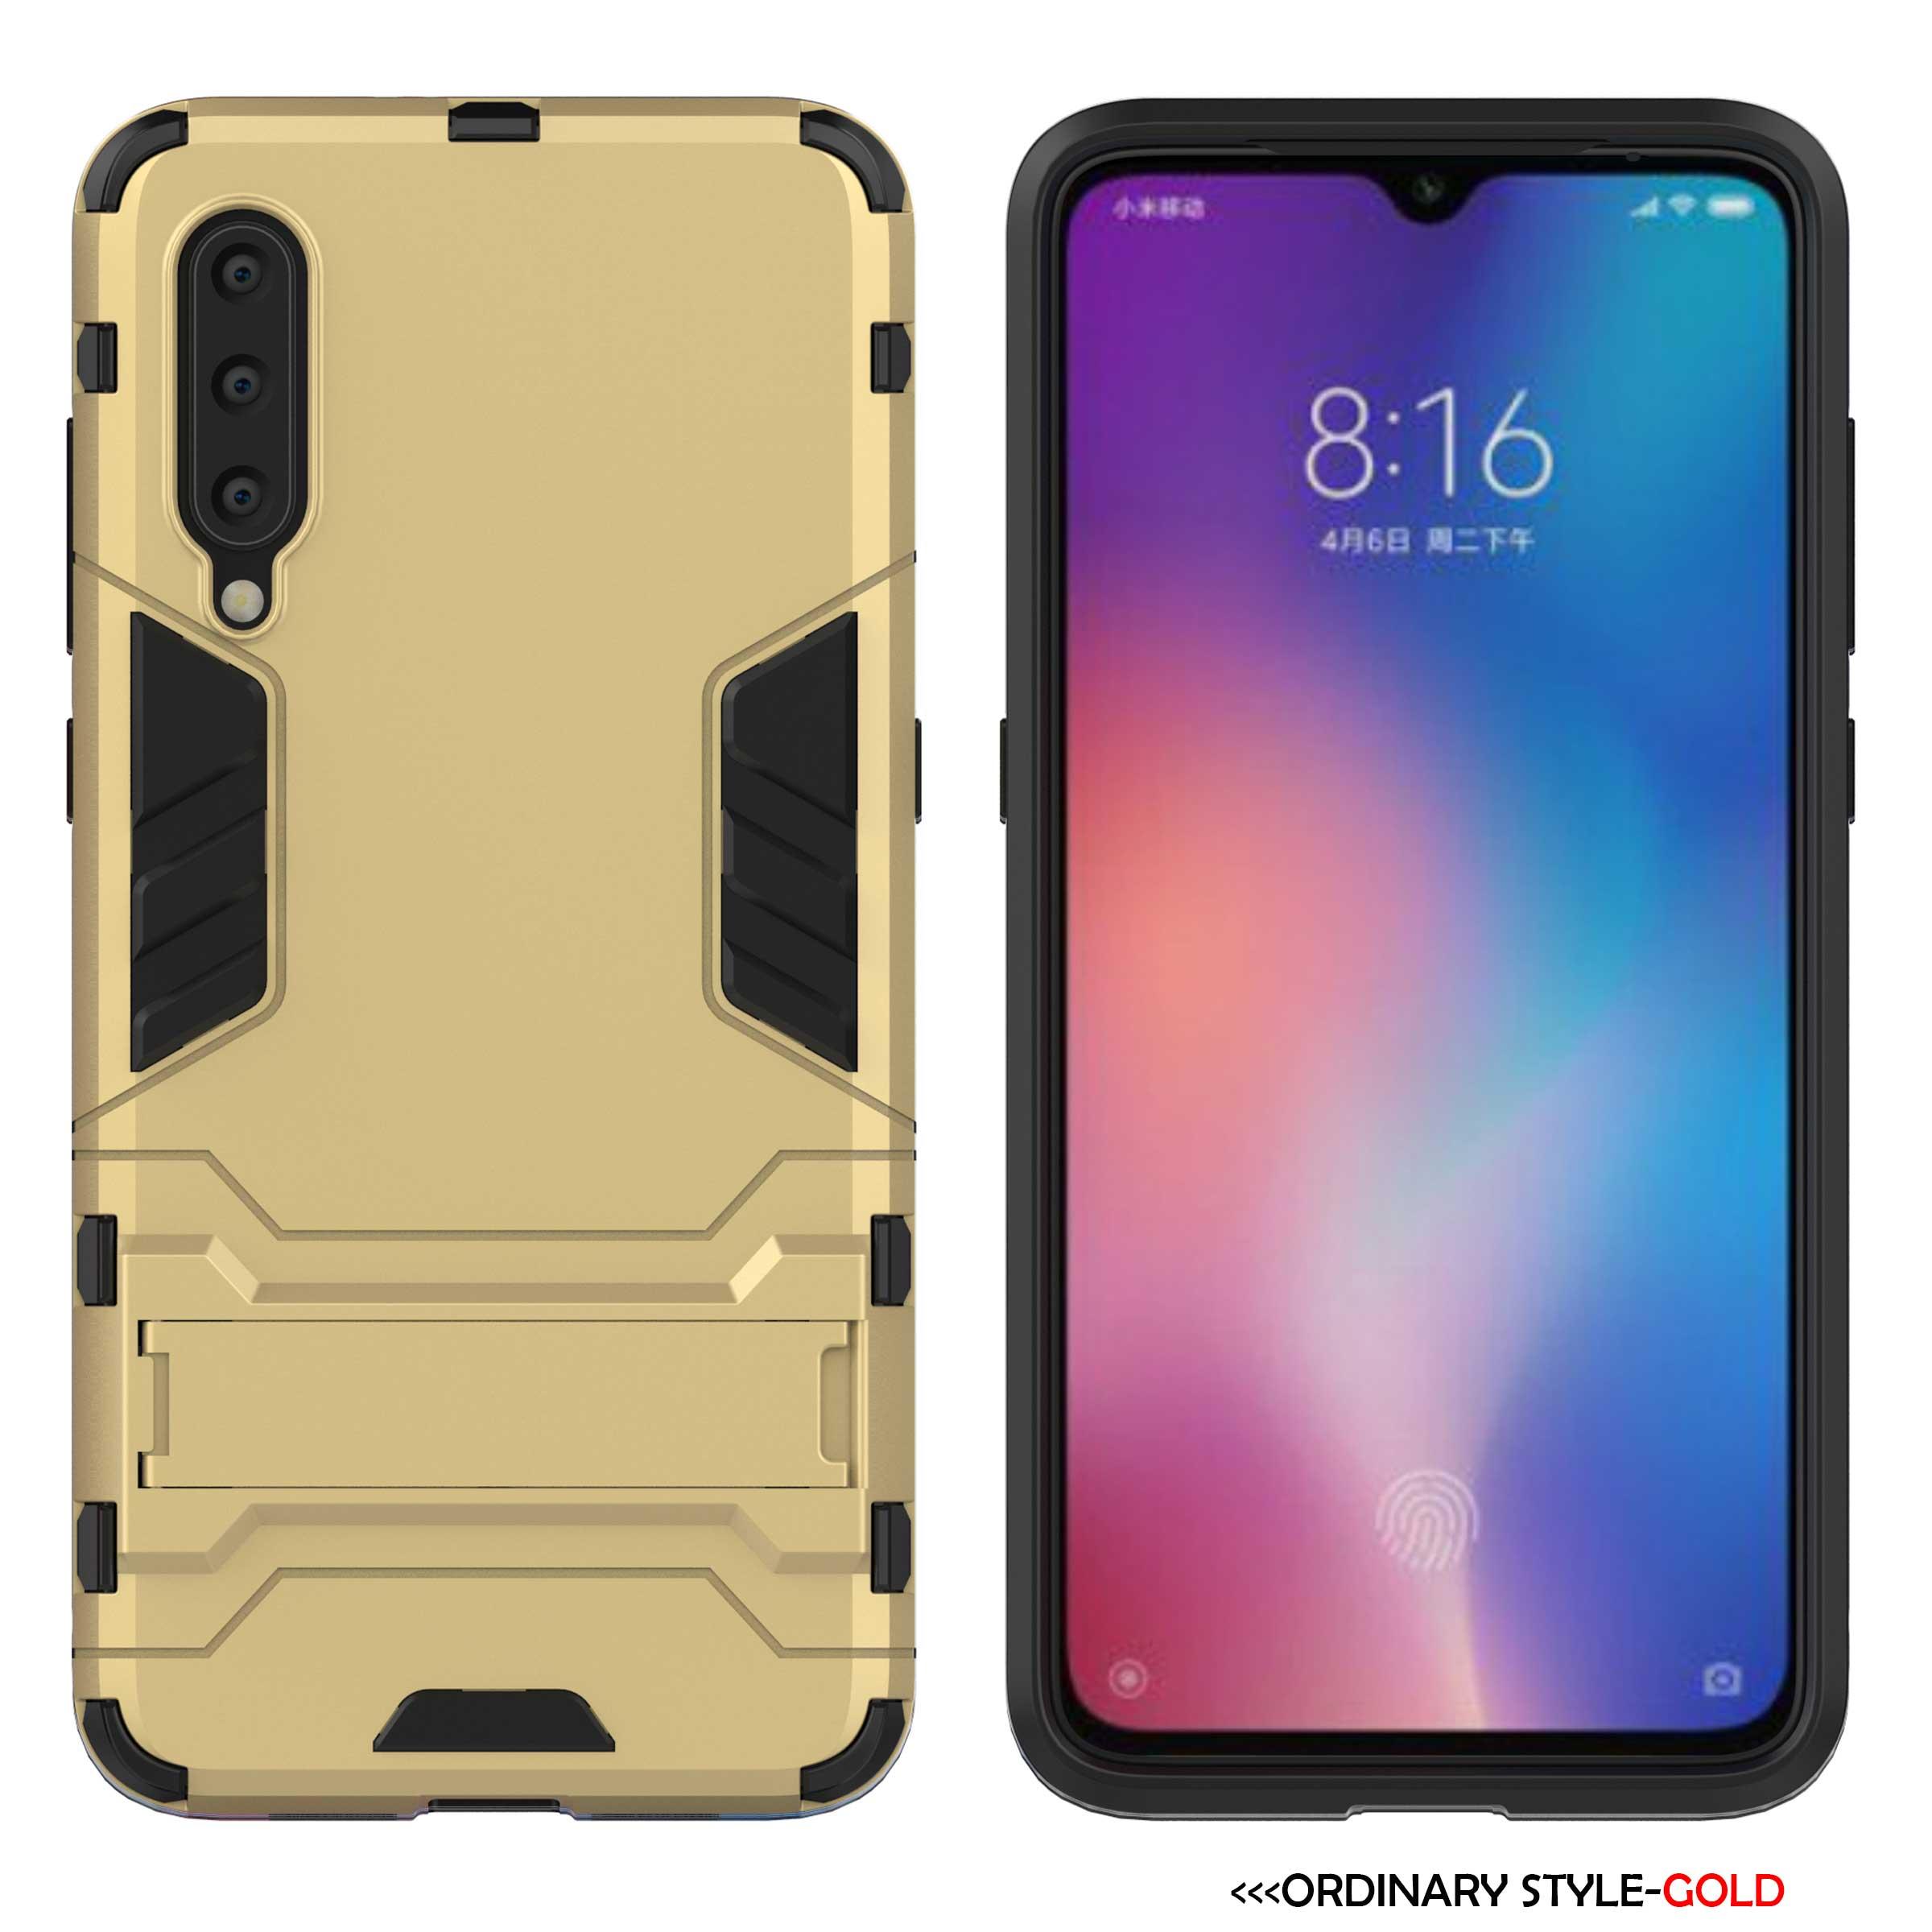 Армированный чехол для Xiaomi mi 9 9T 8 mi 9 SE 5X 6X A1 A2 Lite Max 3 mi X 2 2S F1 Играть Red mi K20 Note 7 6 iPad Pro 7A 4 4X5 Plus чехол для телефона - Цвет: C1-Gold